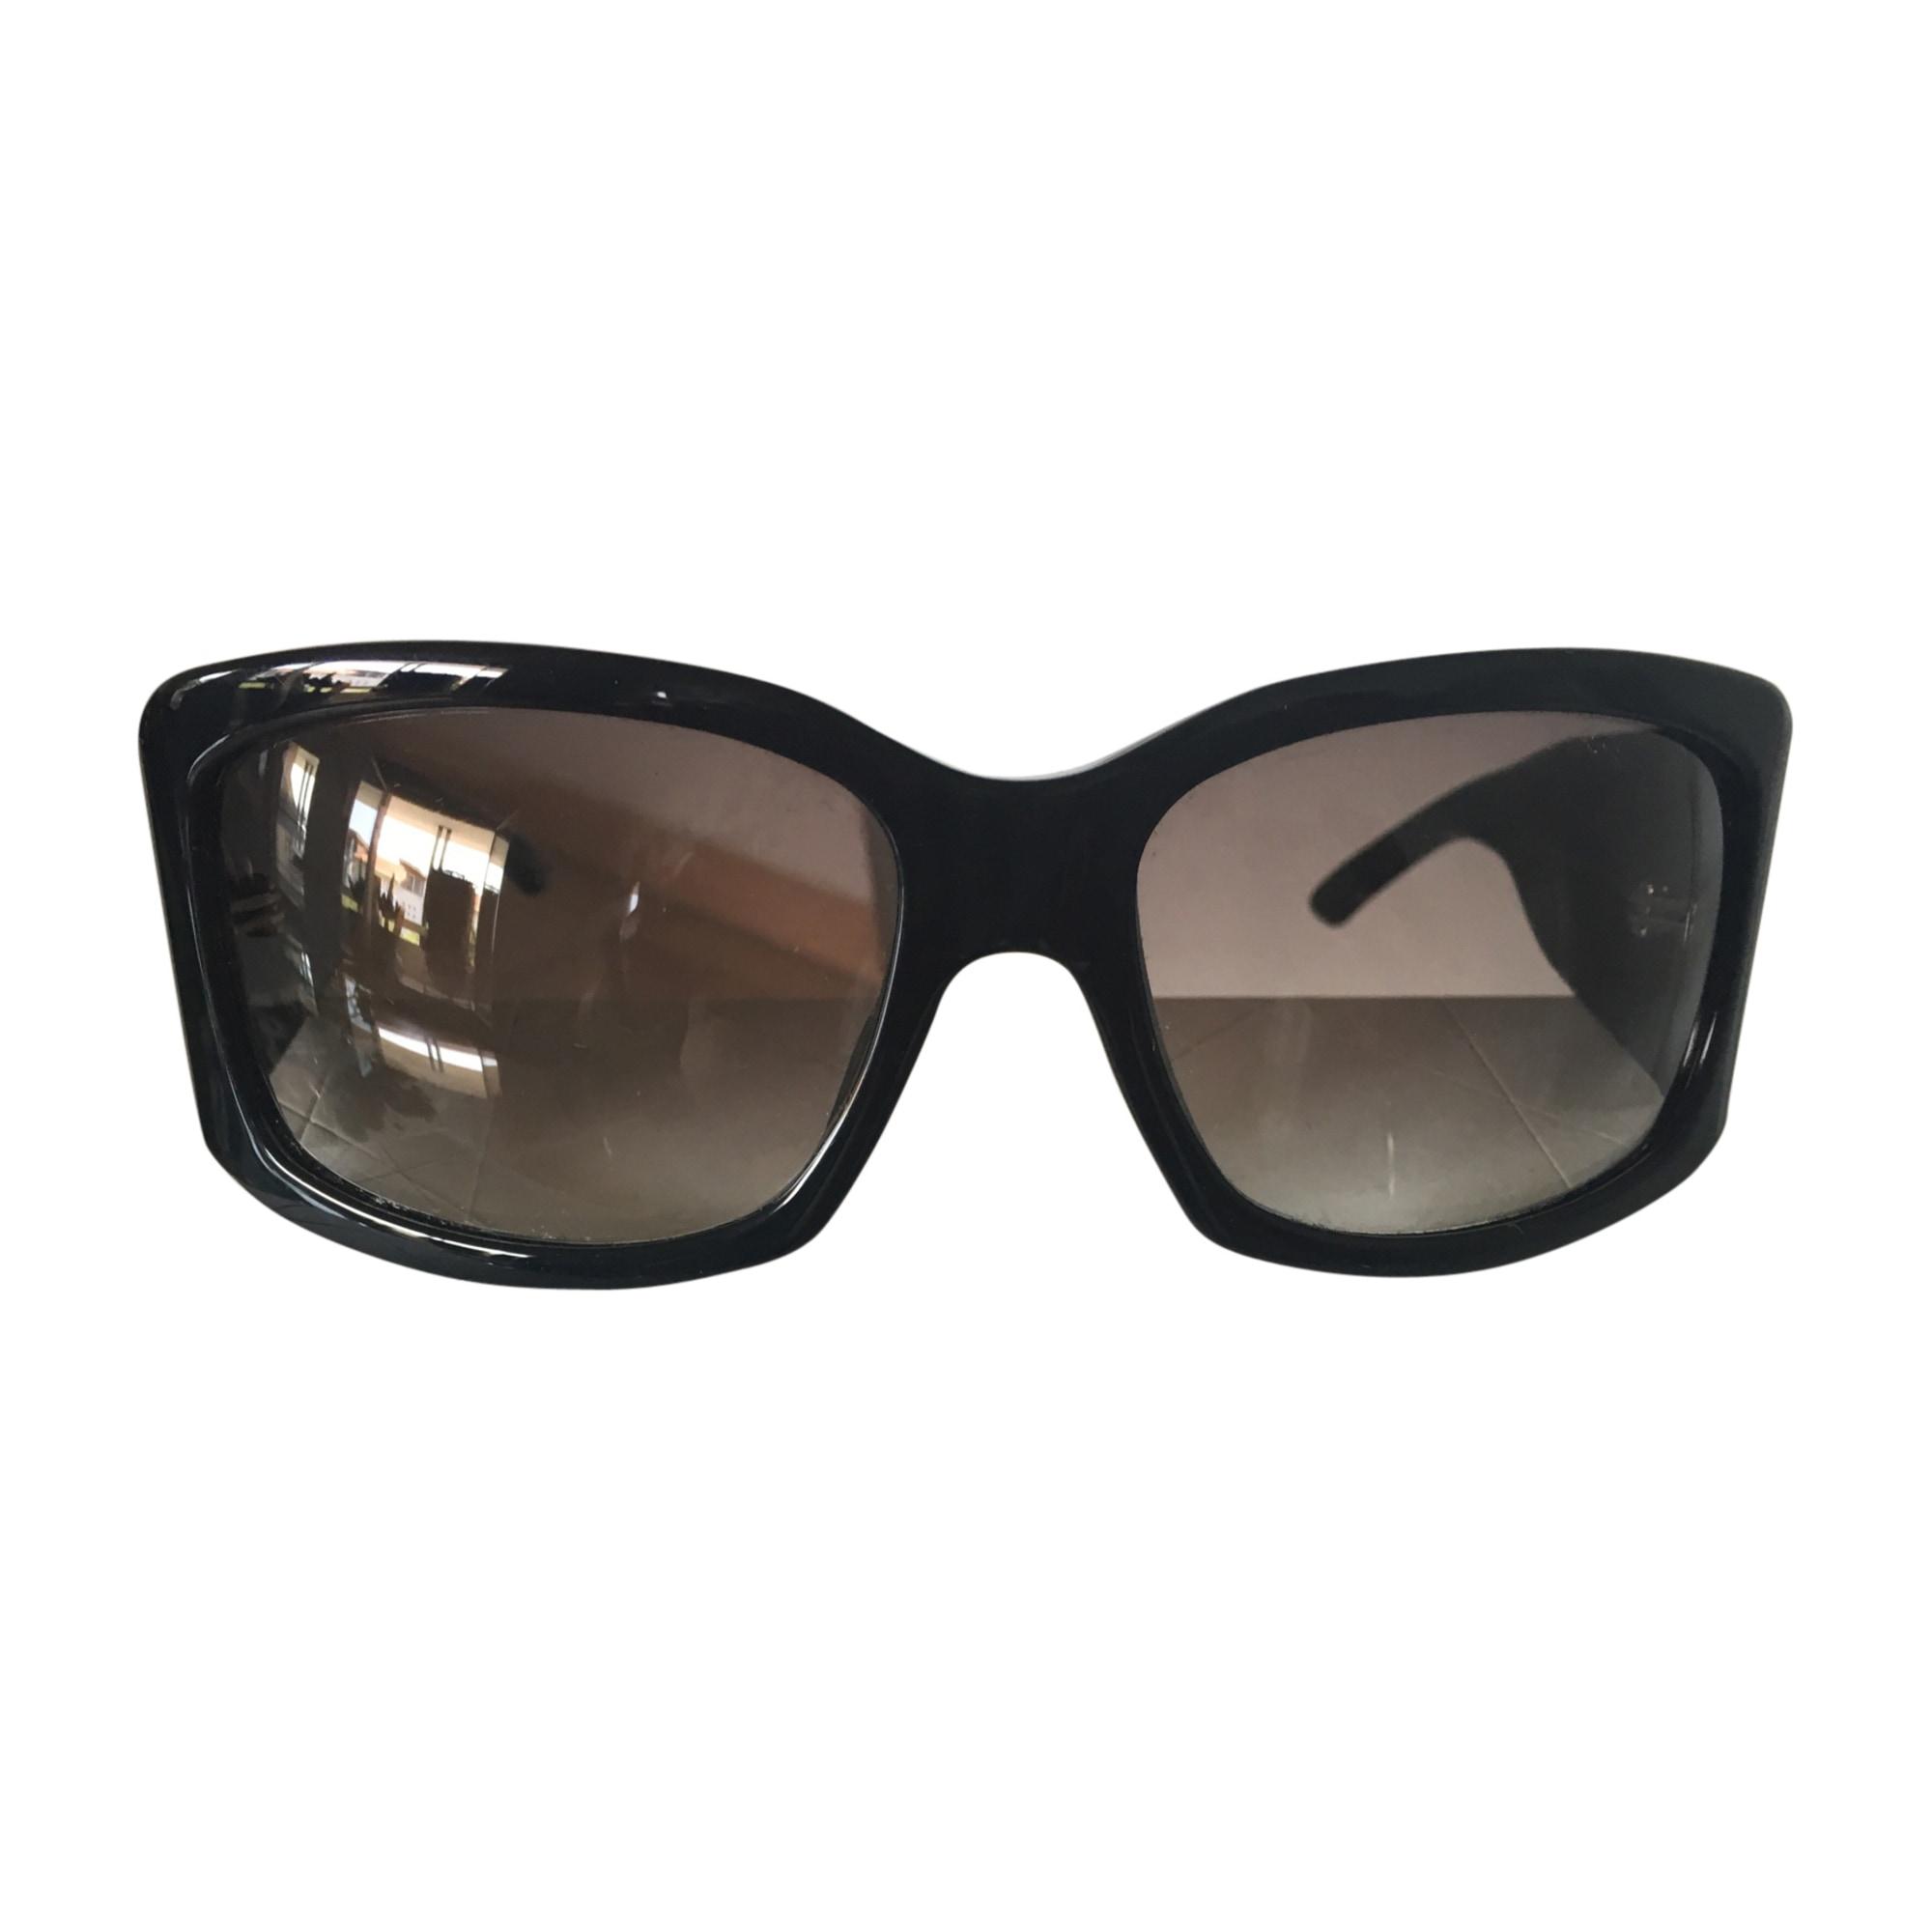 sonnenbrille dior schwarz 6355249. Black Bedroom Furniture Sets. Home Design Ideas